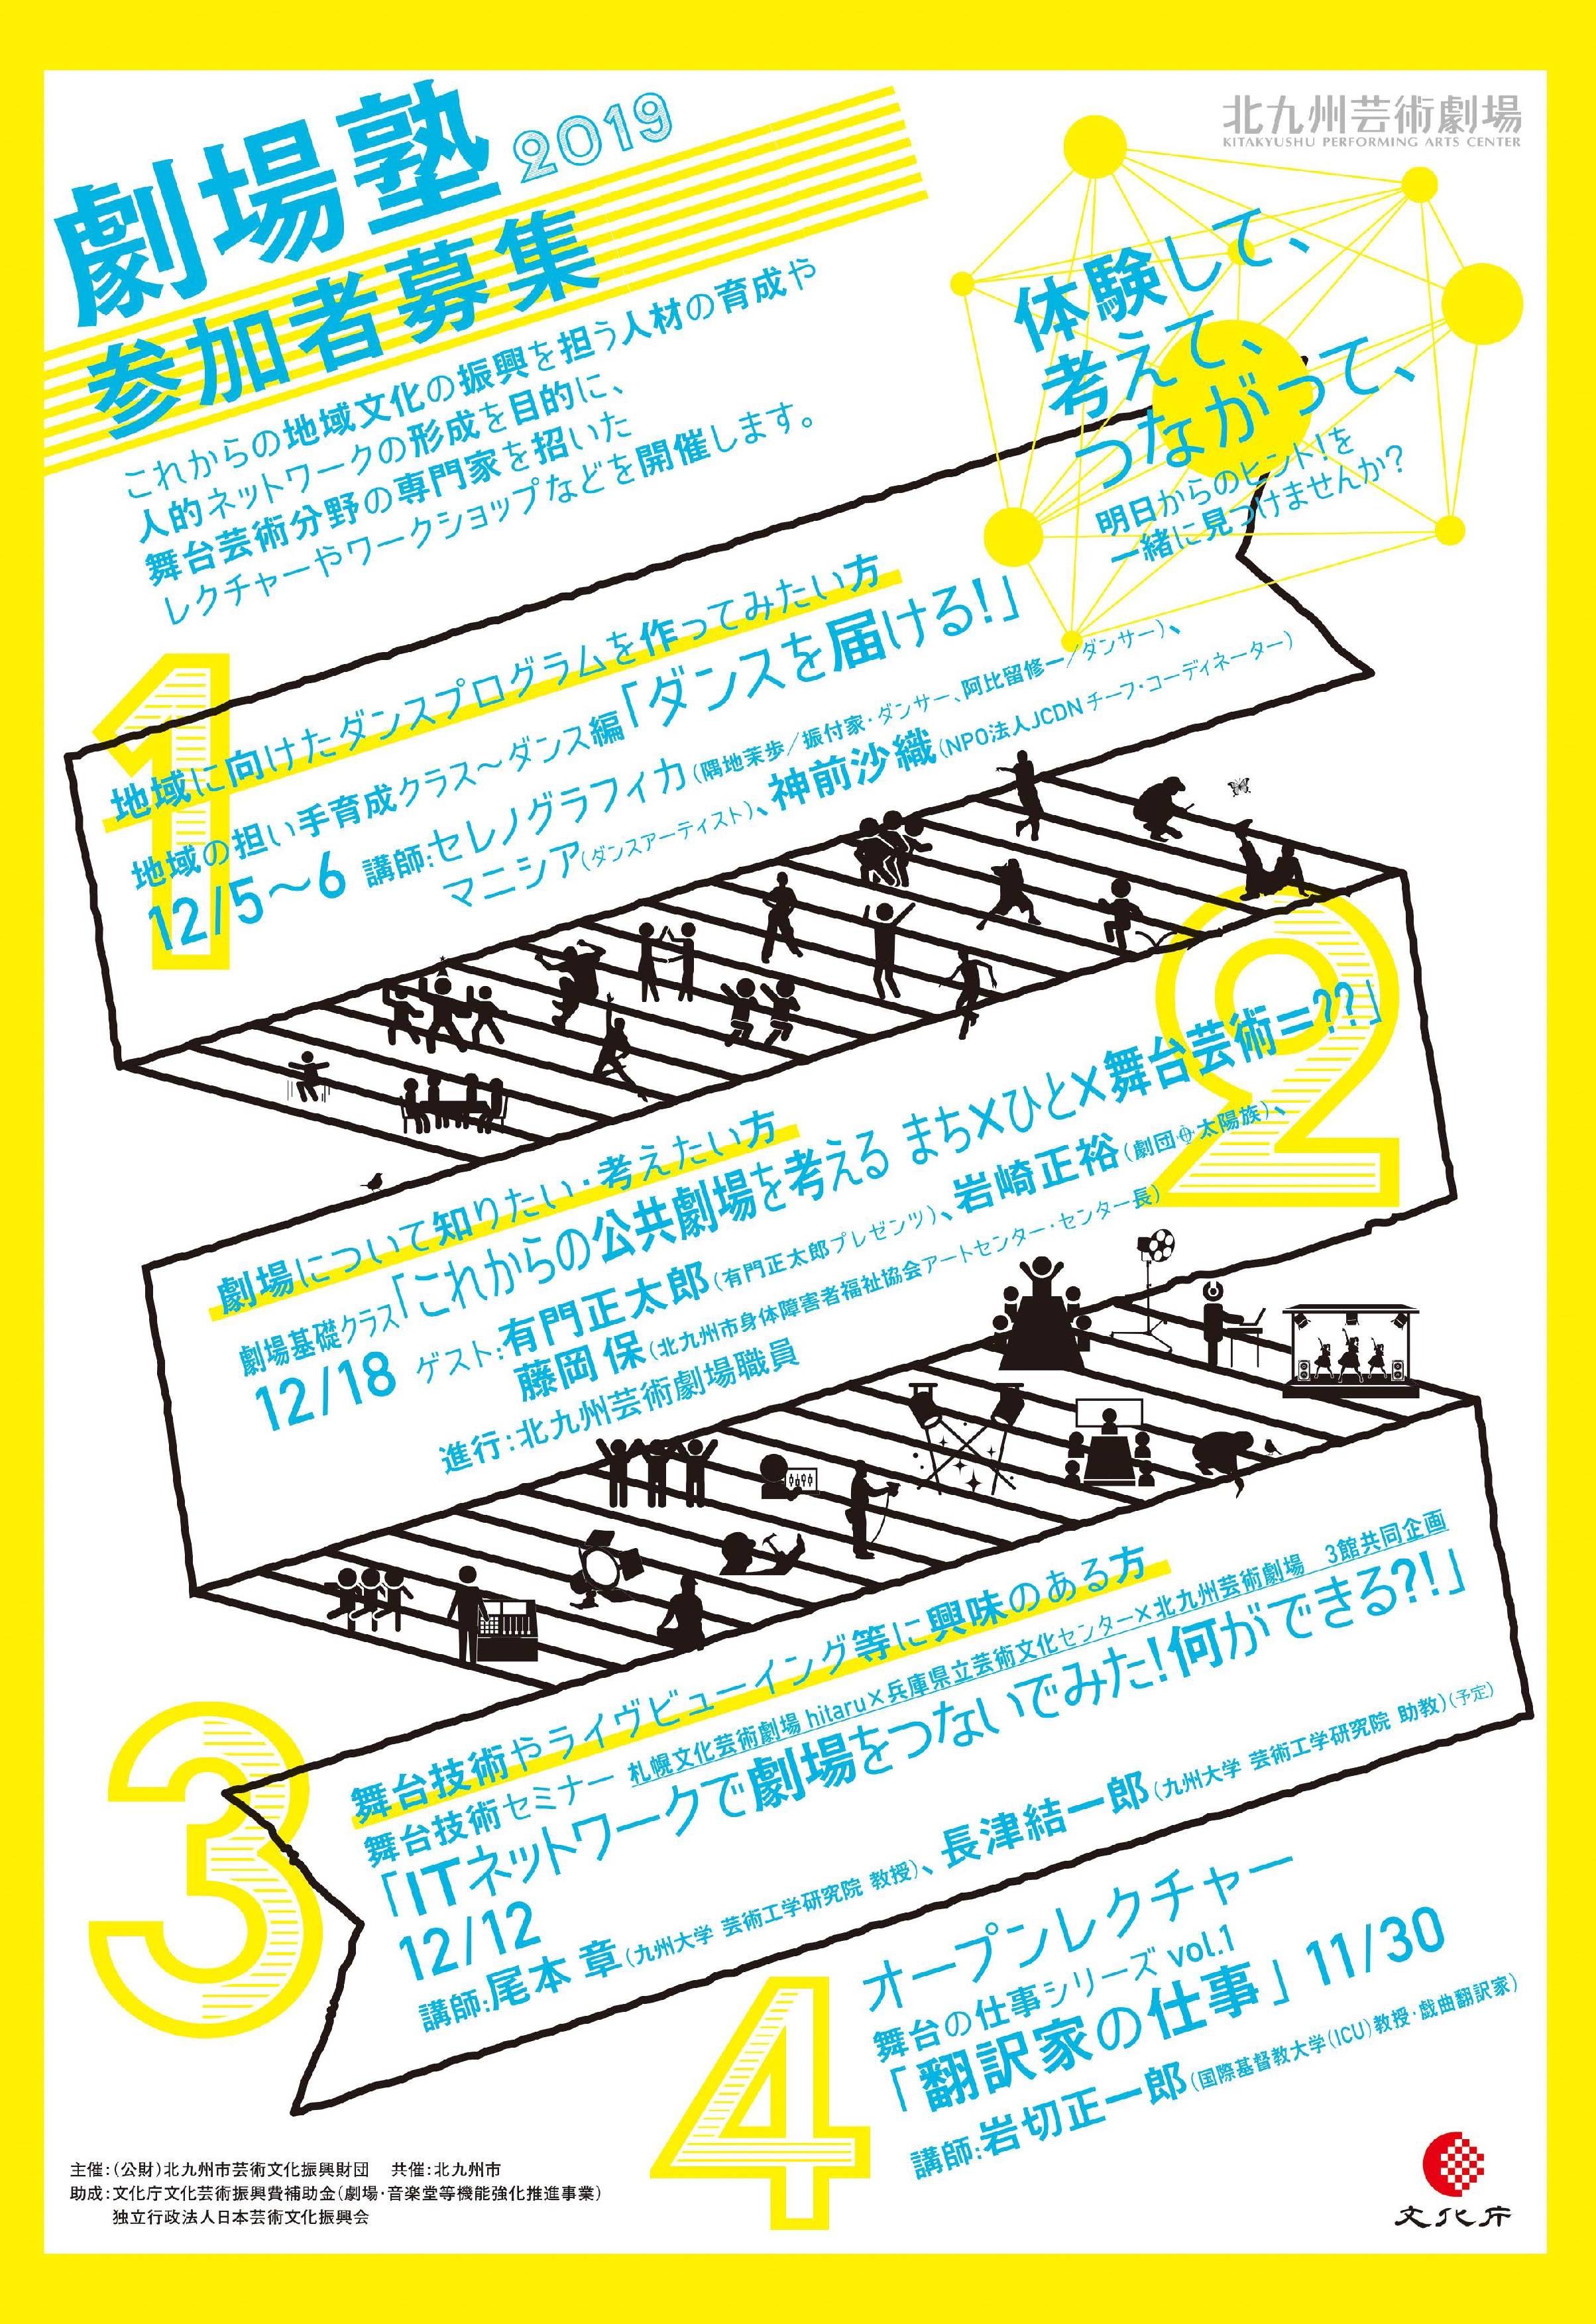 劇場 北九州 大 ホール 芸術